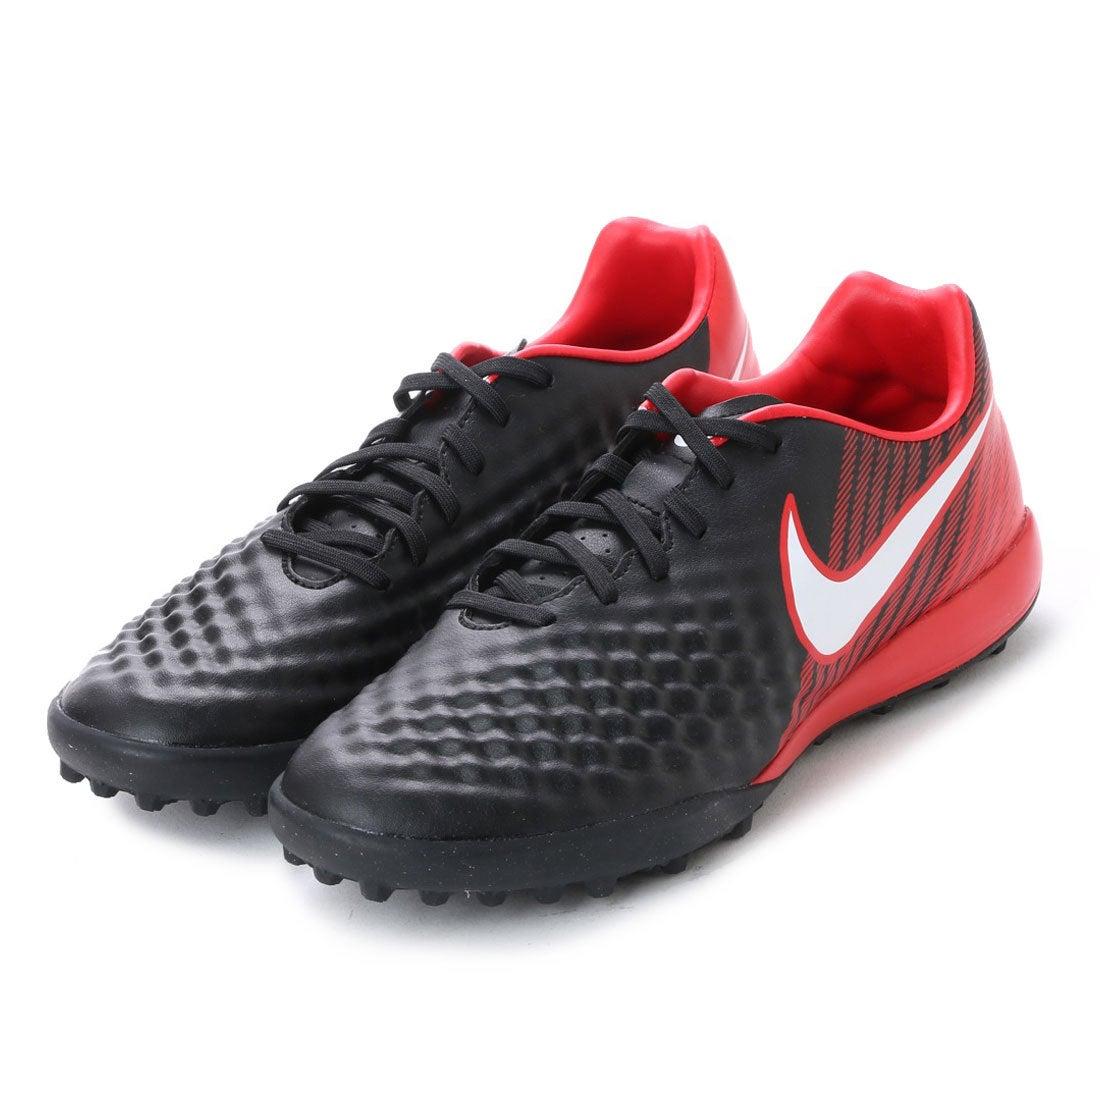 【SALE 30%OFF】ナイキ NIKE ユニセックス サッカー トレーニングシューズ  マジスタ X オンダ II TF 844417061